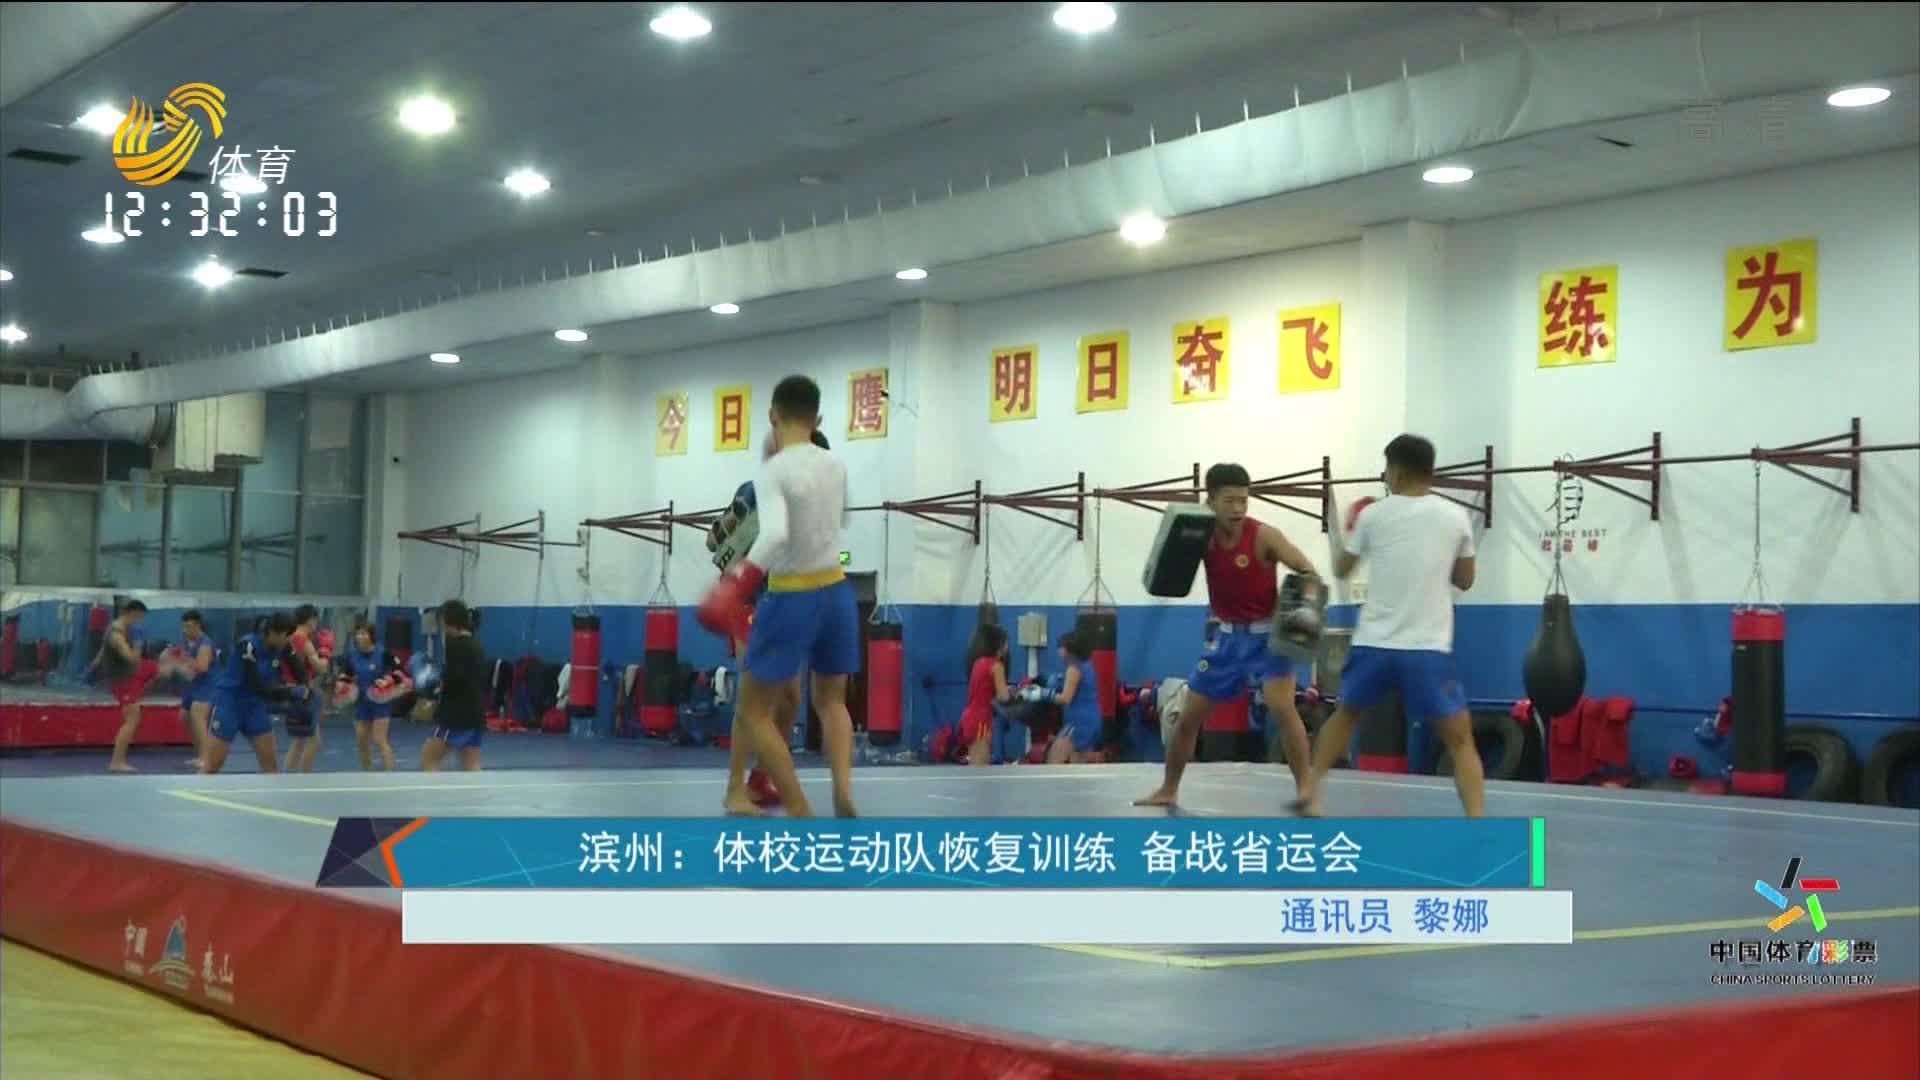 滨州:体校运动队恢复训练 备战省运会